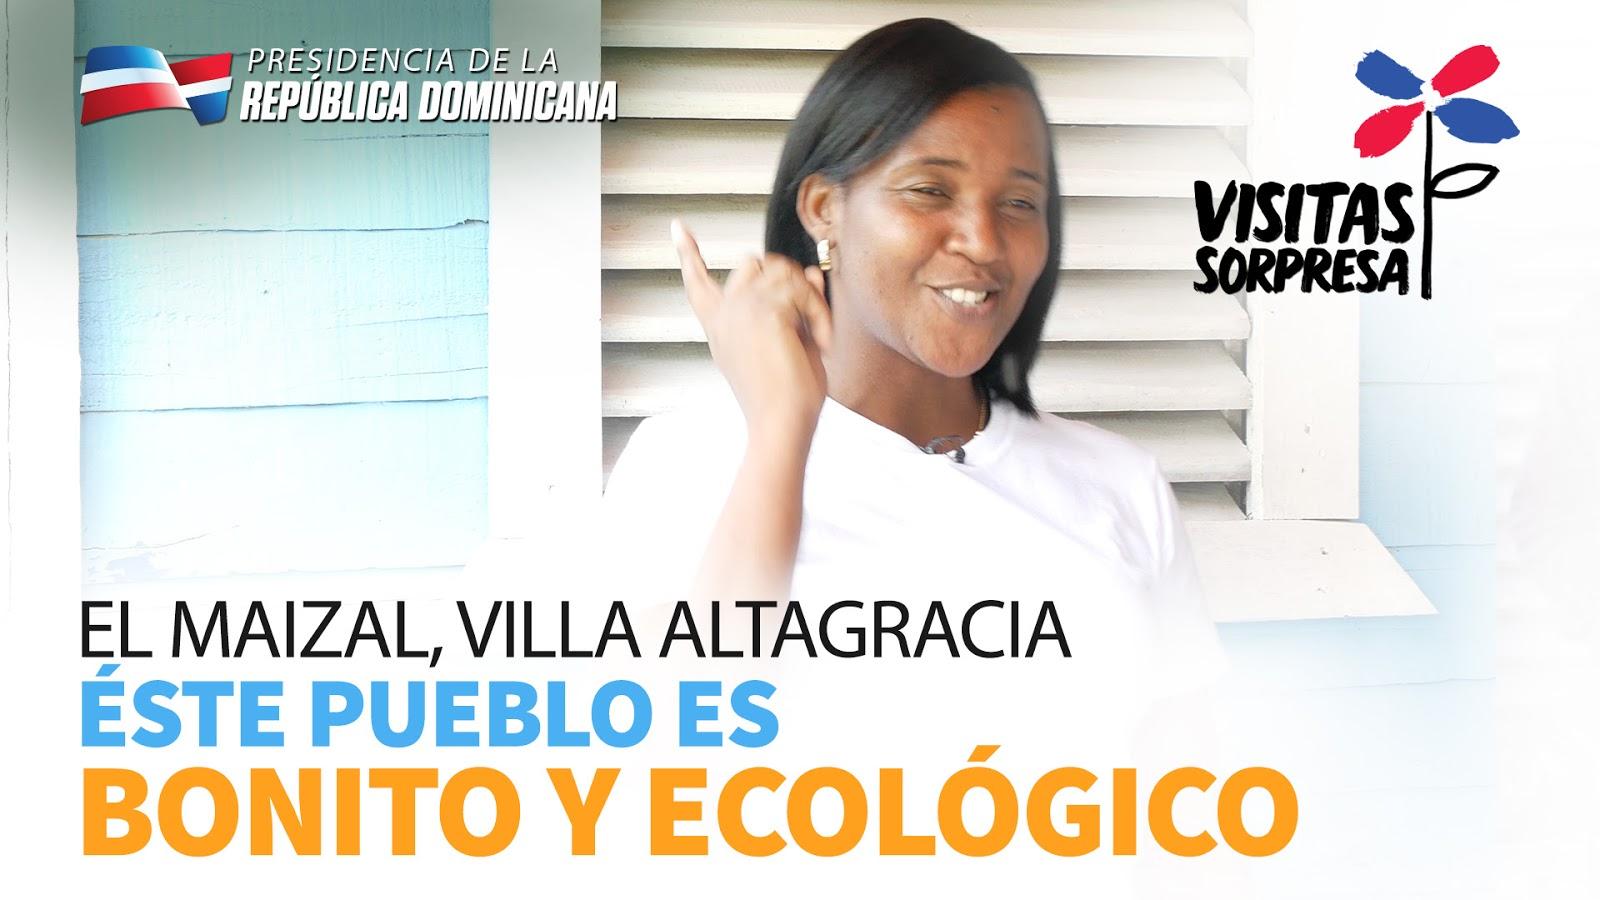 VIDEO: El Maizal, Villa Altagracia. Este pueblo es bonito y ecológico